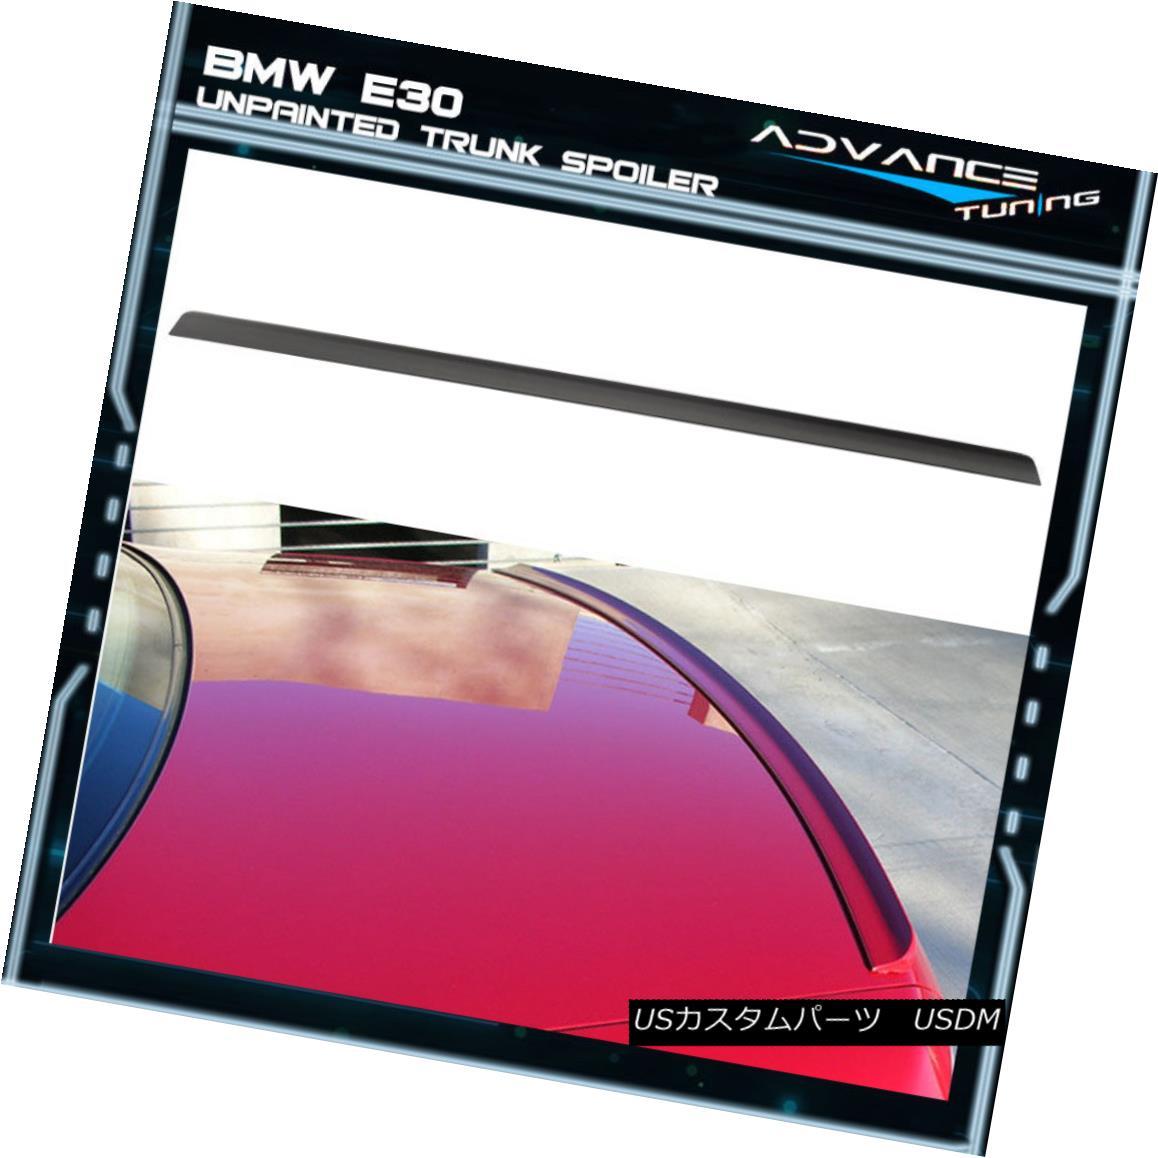 エアロパーツ 84-86 BMW 5 Series E30 PV Style Unpainted Black Trunk Spoiler - PUF 84-86 BMW 5シリーズE30 PVスタイル無塗装ブラックトランク・スポイラー - PUF